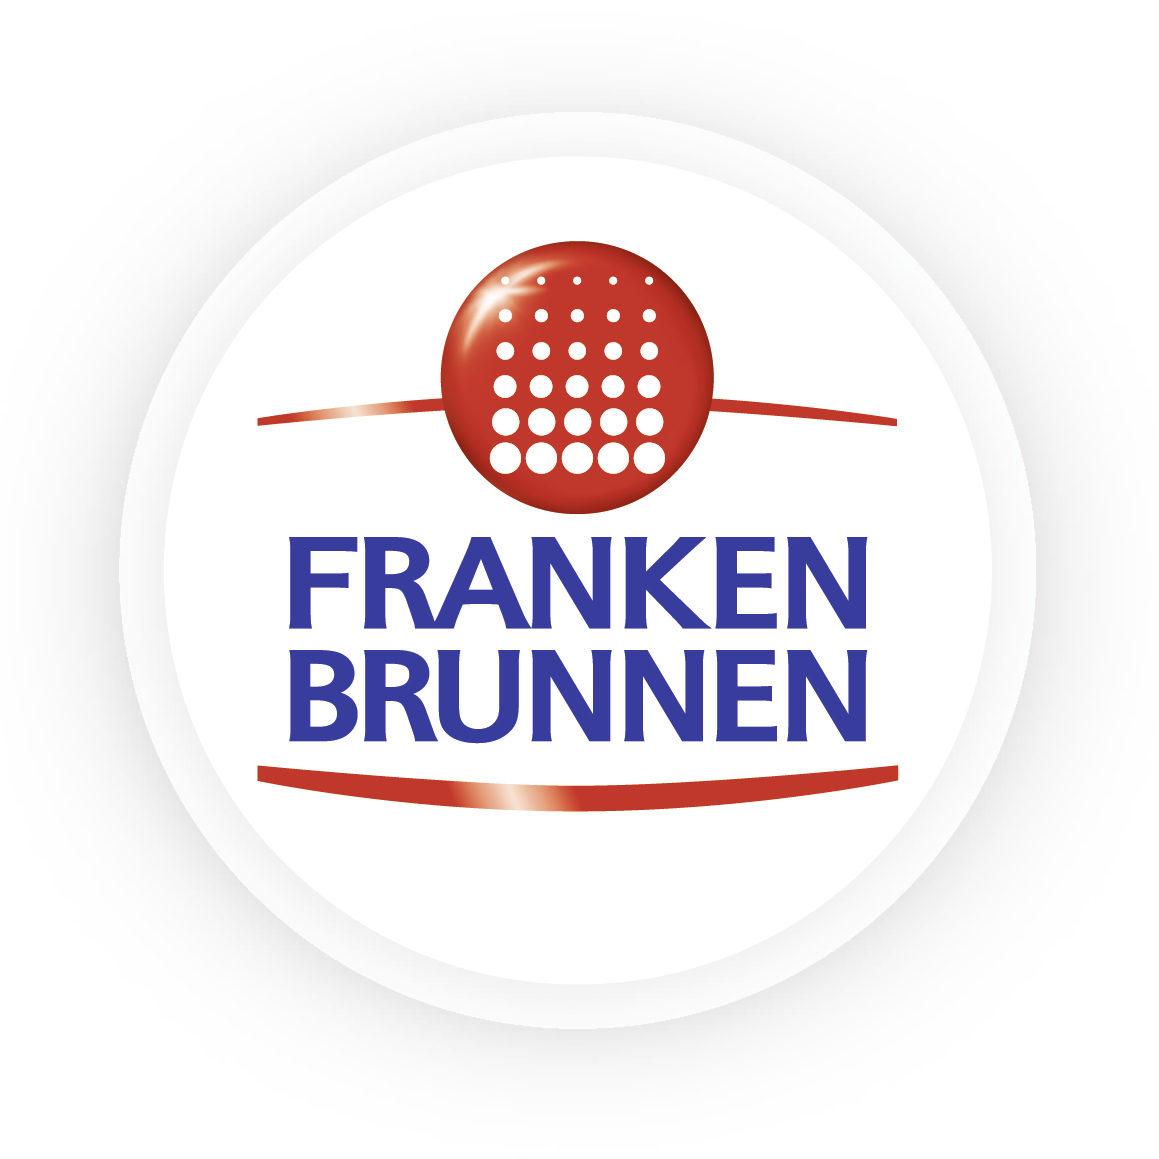 Franken Brunnen